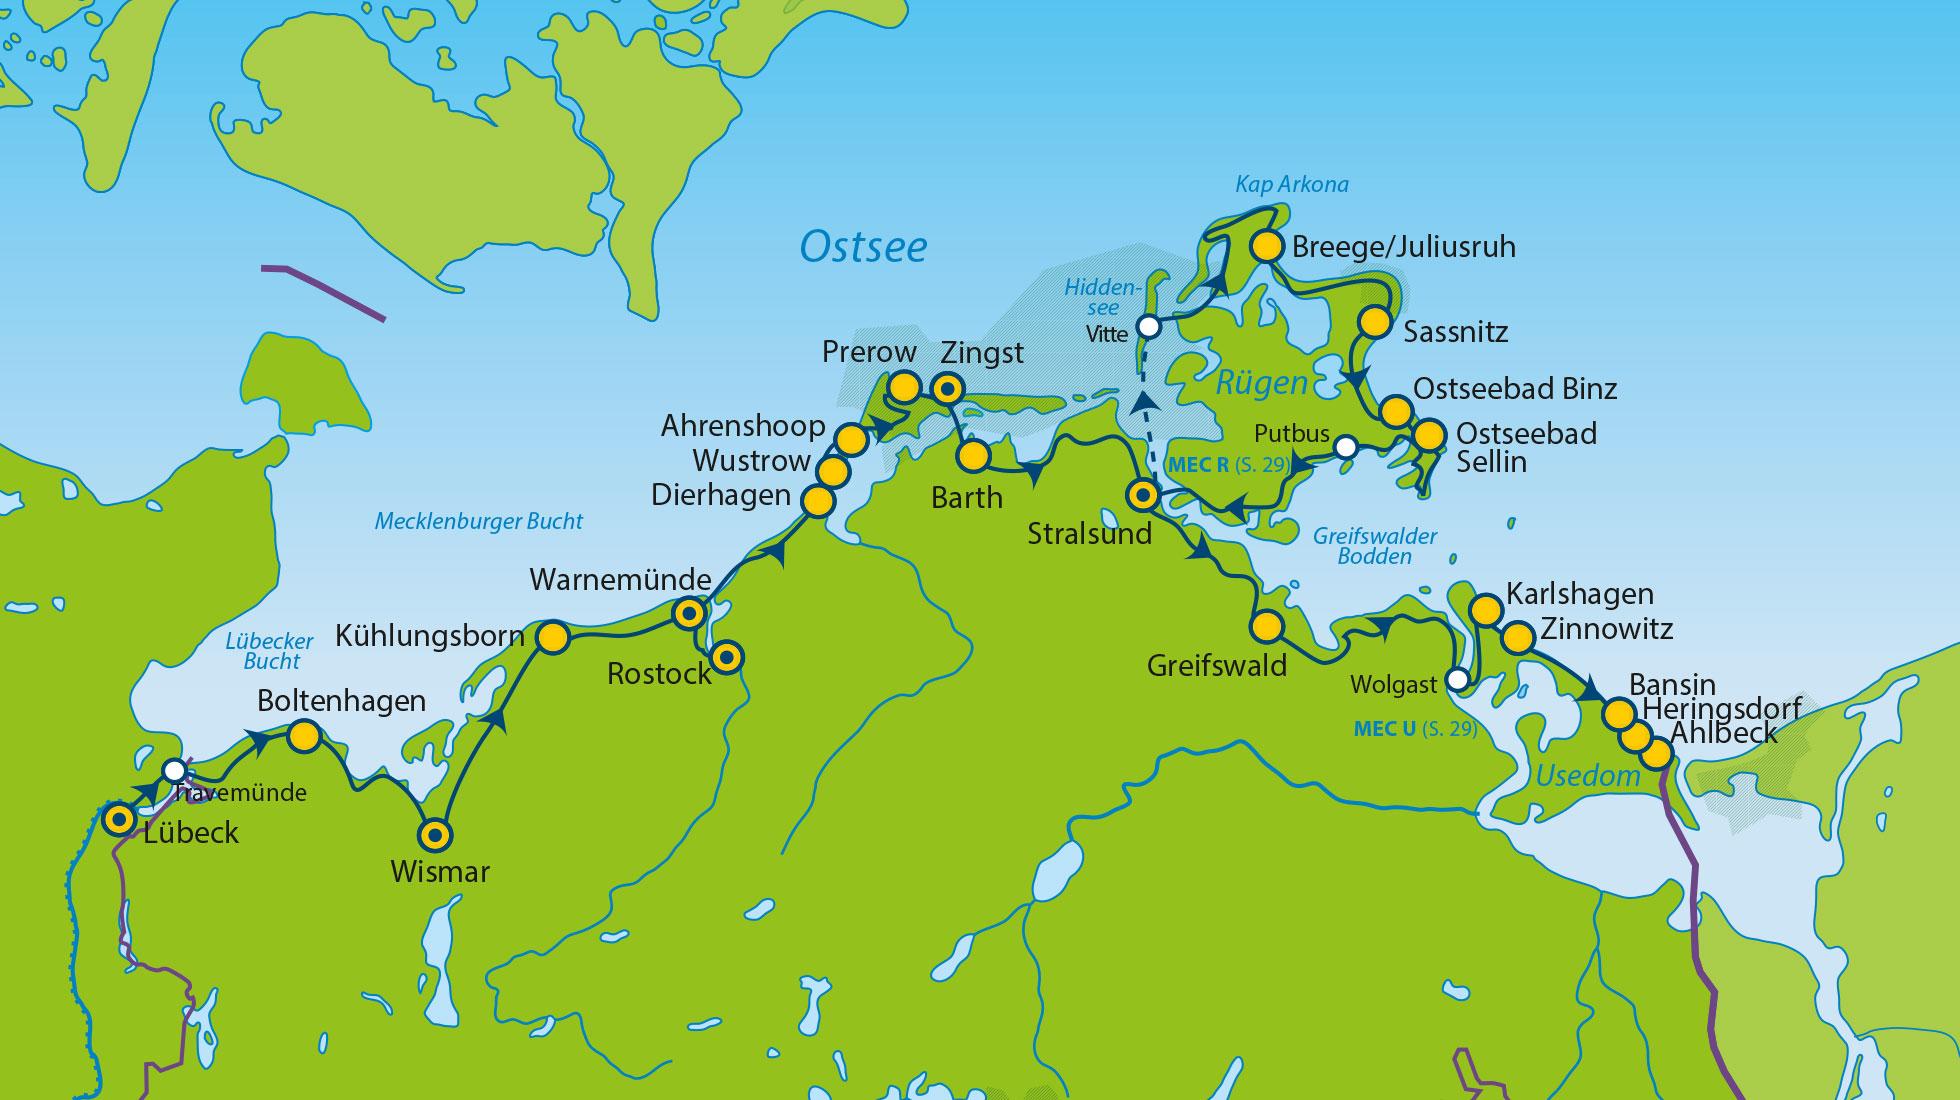 Ostseeradweg Lübeck Stralsund Karte.Mec Ru Rüg Ostsee Radweg Variationen Ostsee Radtouren